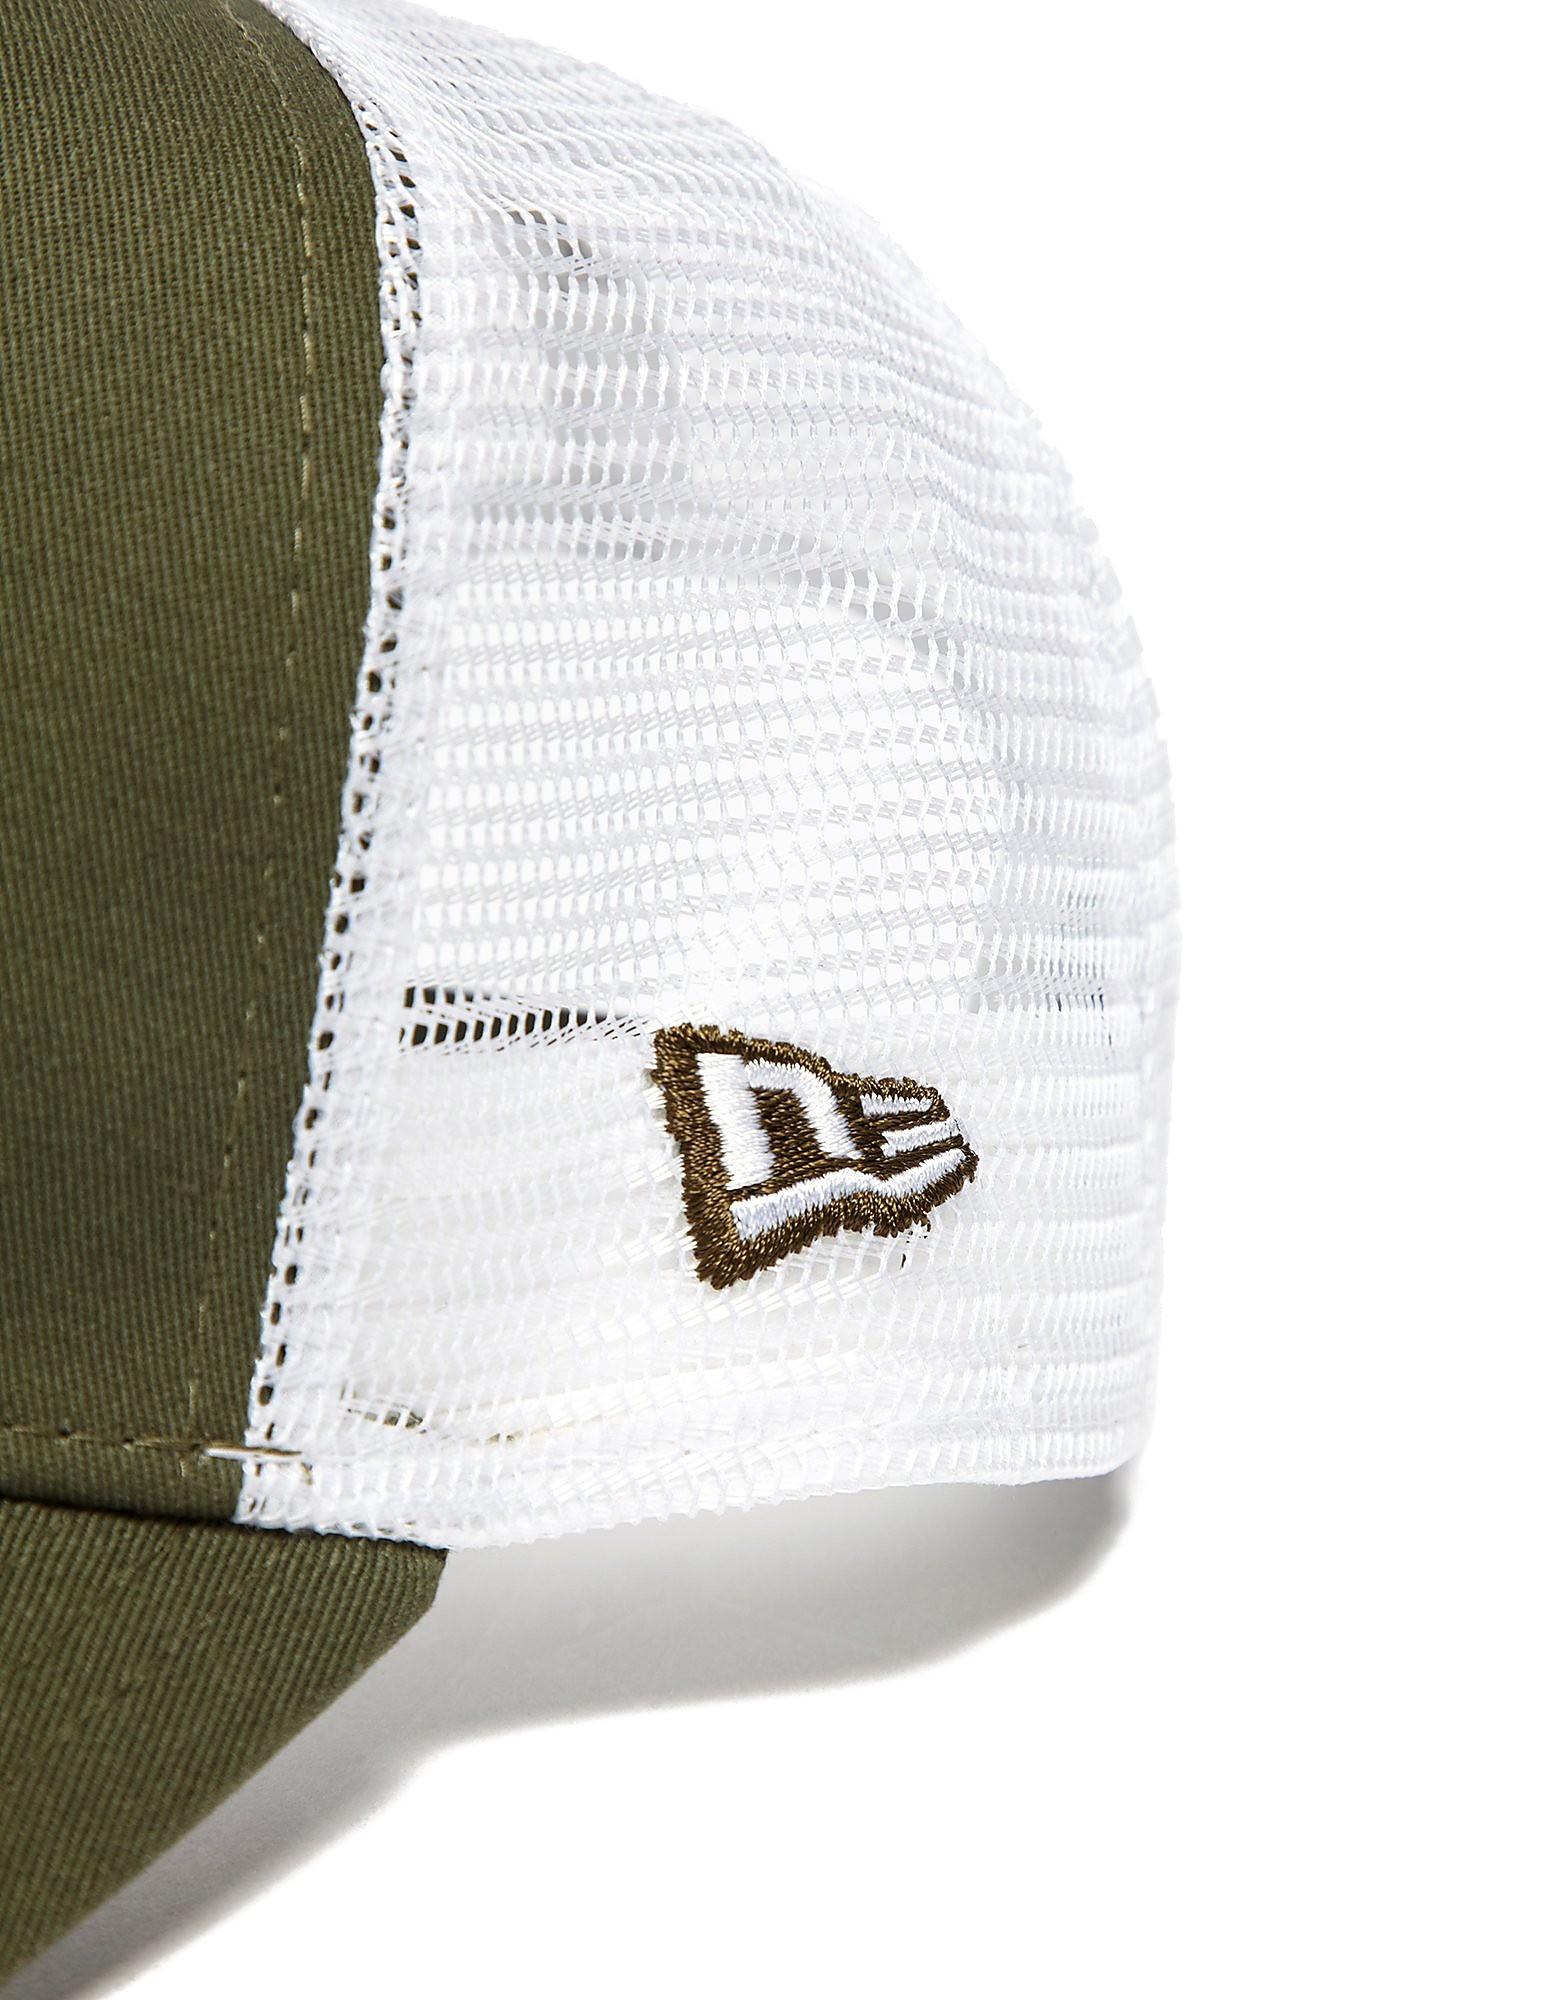 New Era A Frame Trucker Hat